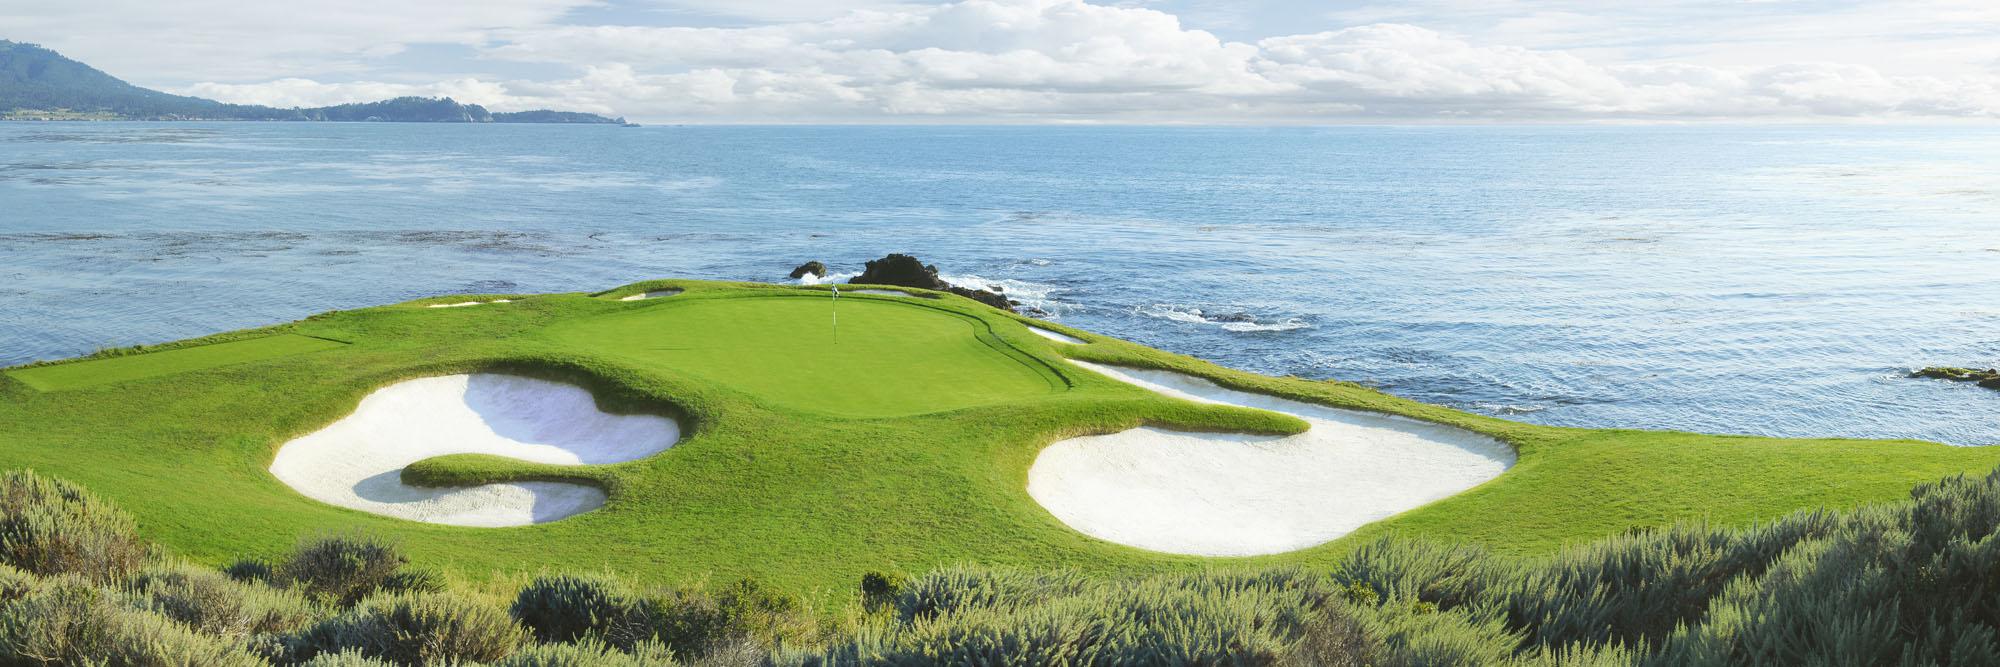 Golf Course Image - Pebble Beach No. 7